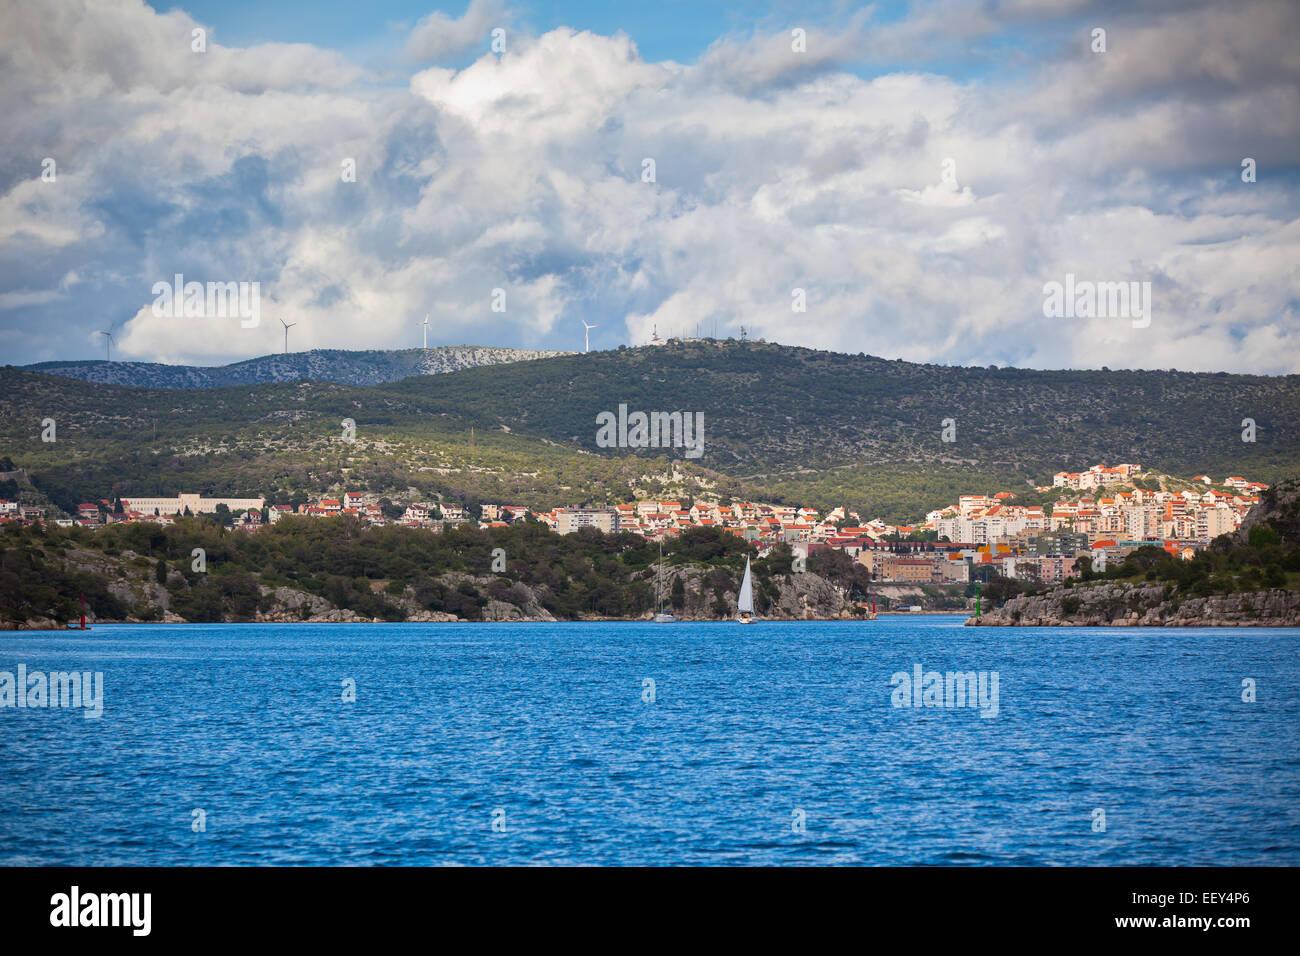 Kroatischen Küste Ansicht, Sibenik-Bereich, aus dem Meer. Horizontalen Schuss Stockbild